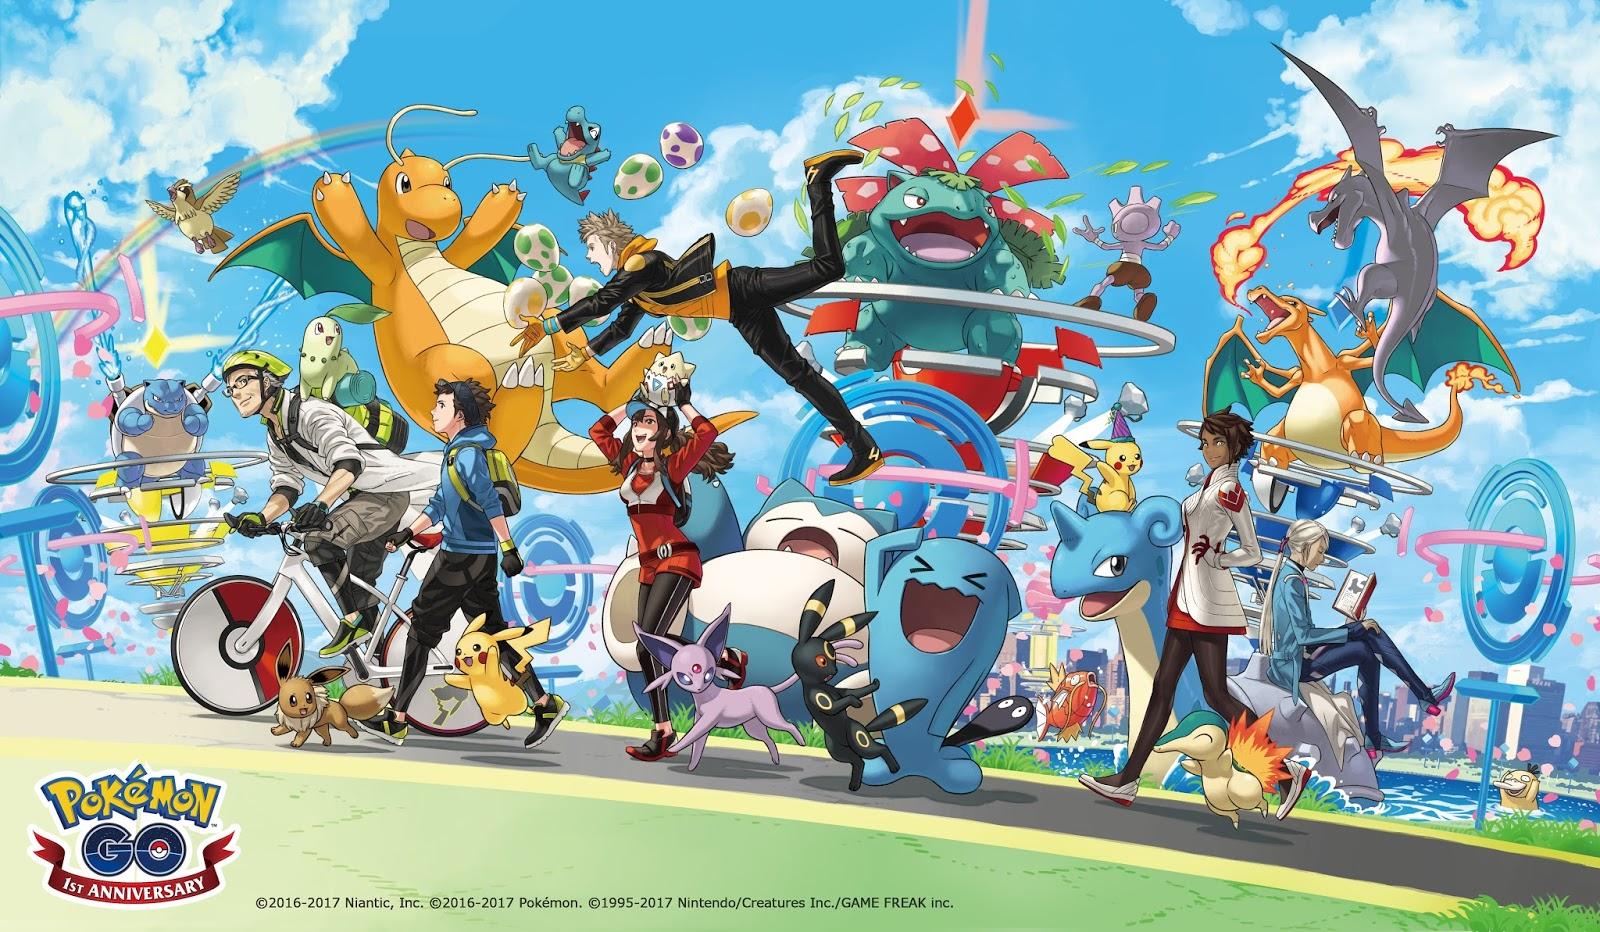 ポケモンgo日記(pokemon go diary in japan): pokémon go 1周年記念